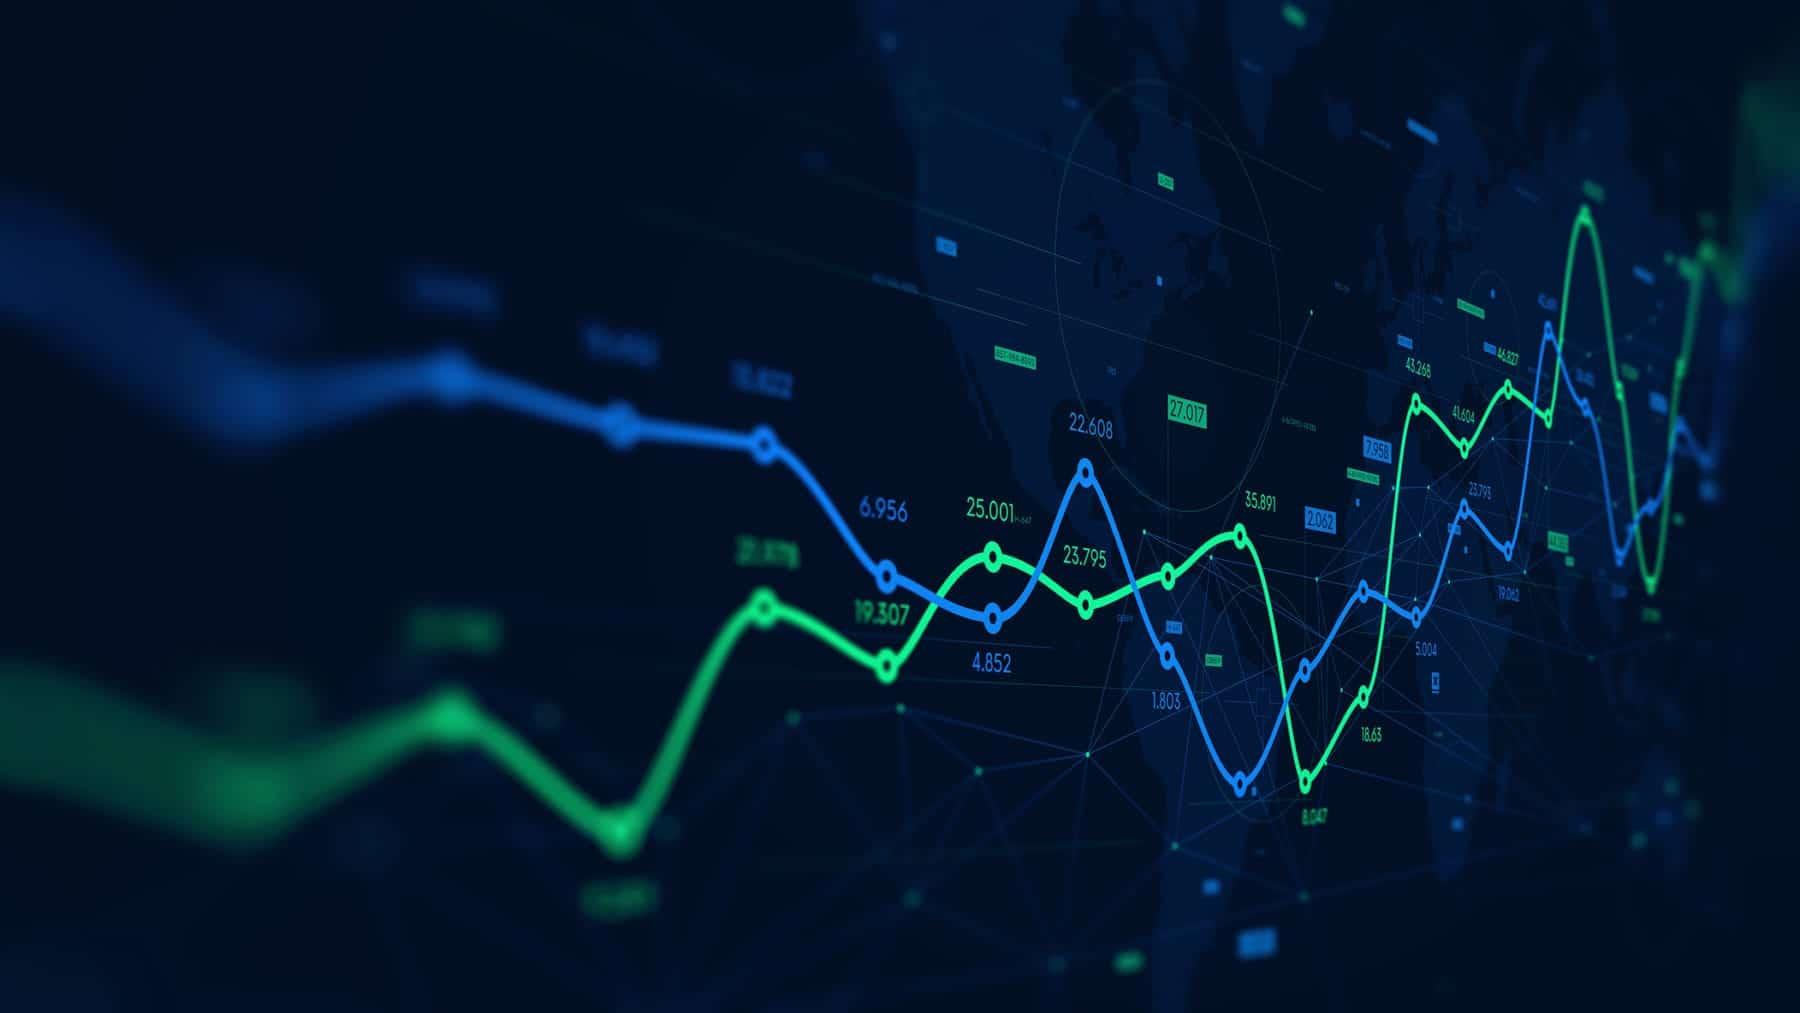 数字分析数据可视化、财务计划、用于演示的透视监视器屏幕